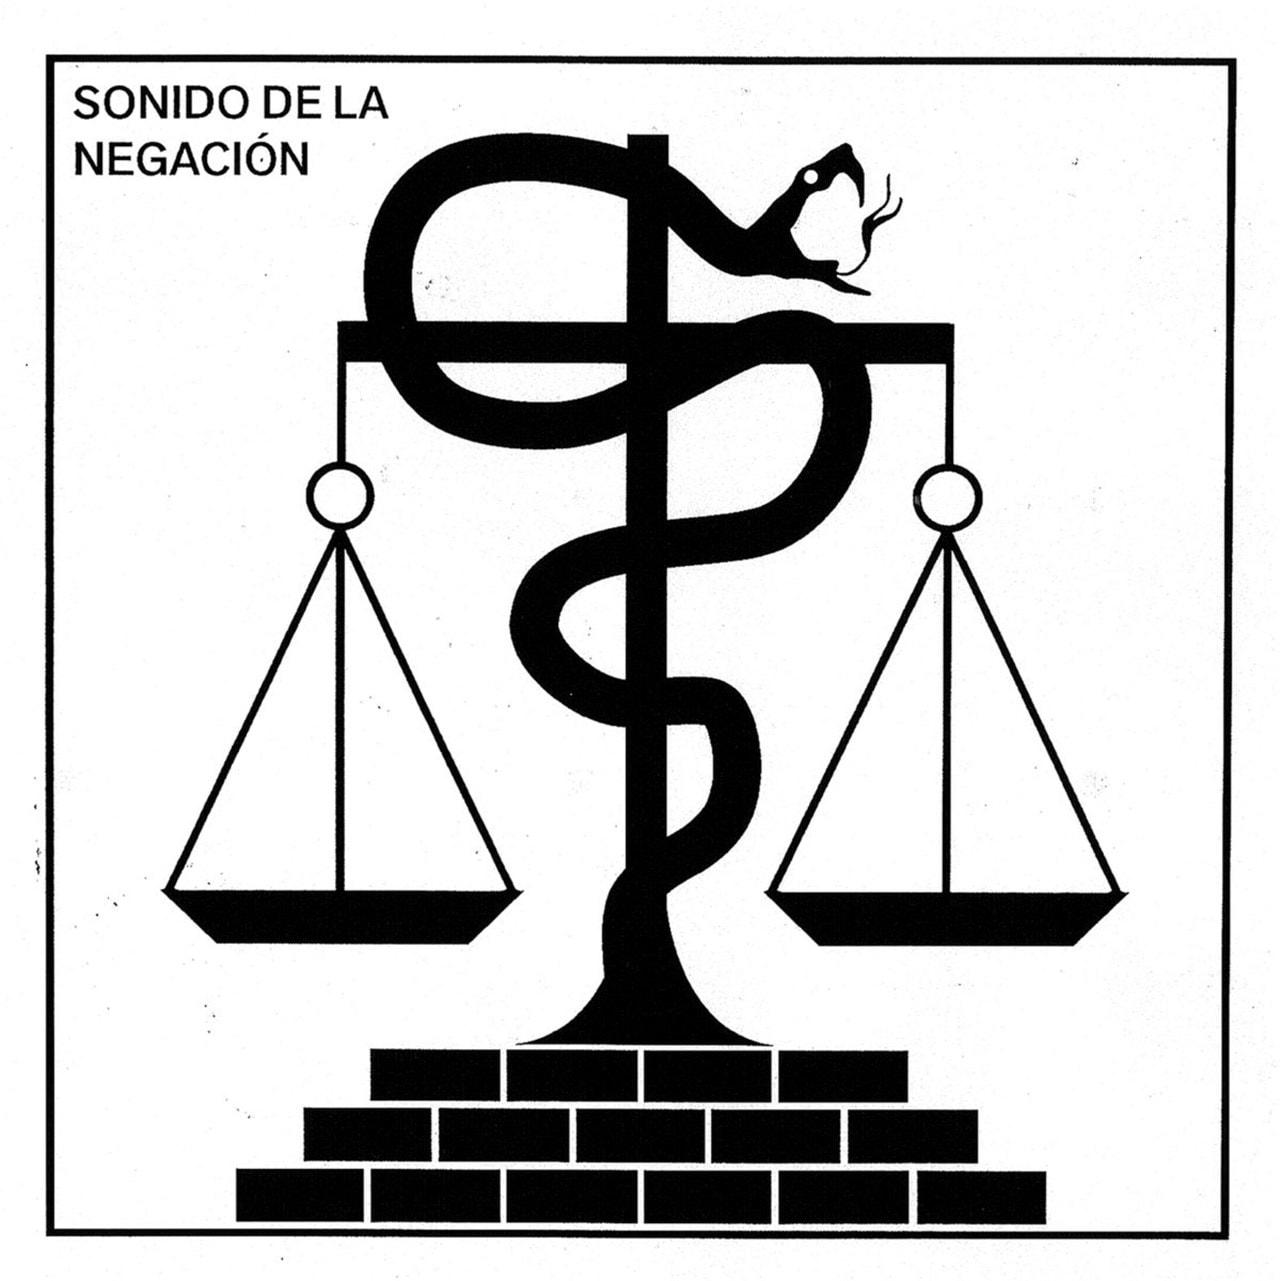 Sonido De La Negacion - 1